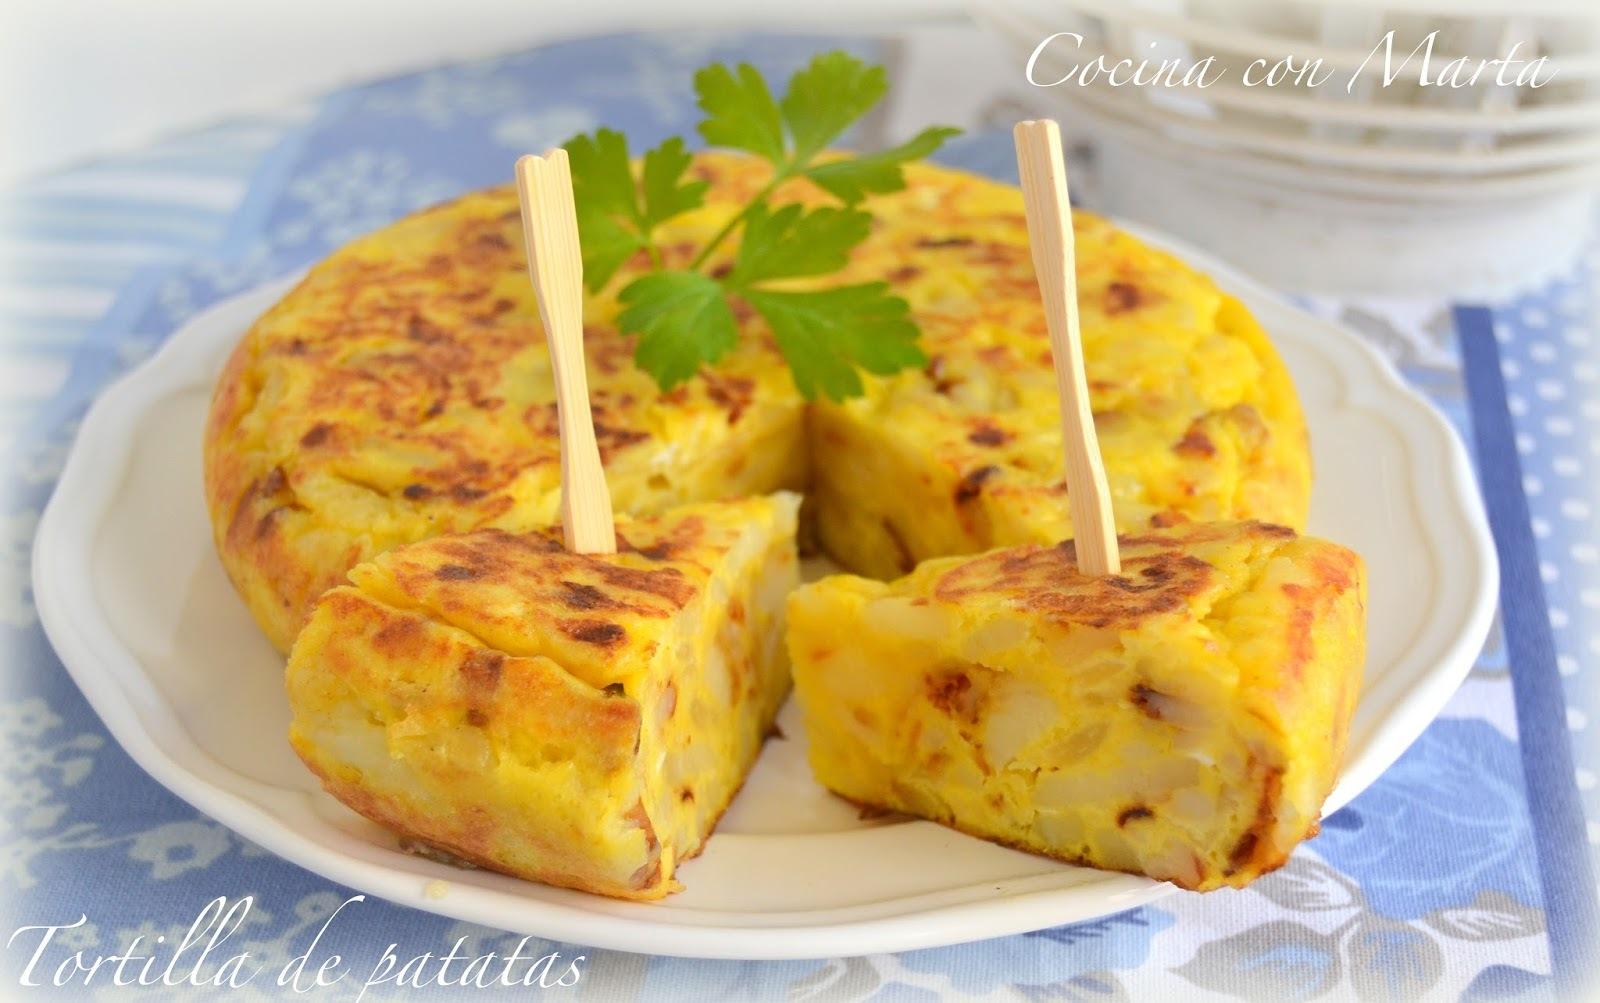 Tortilla de patatas con ajo